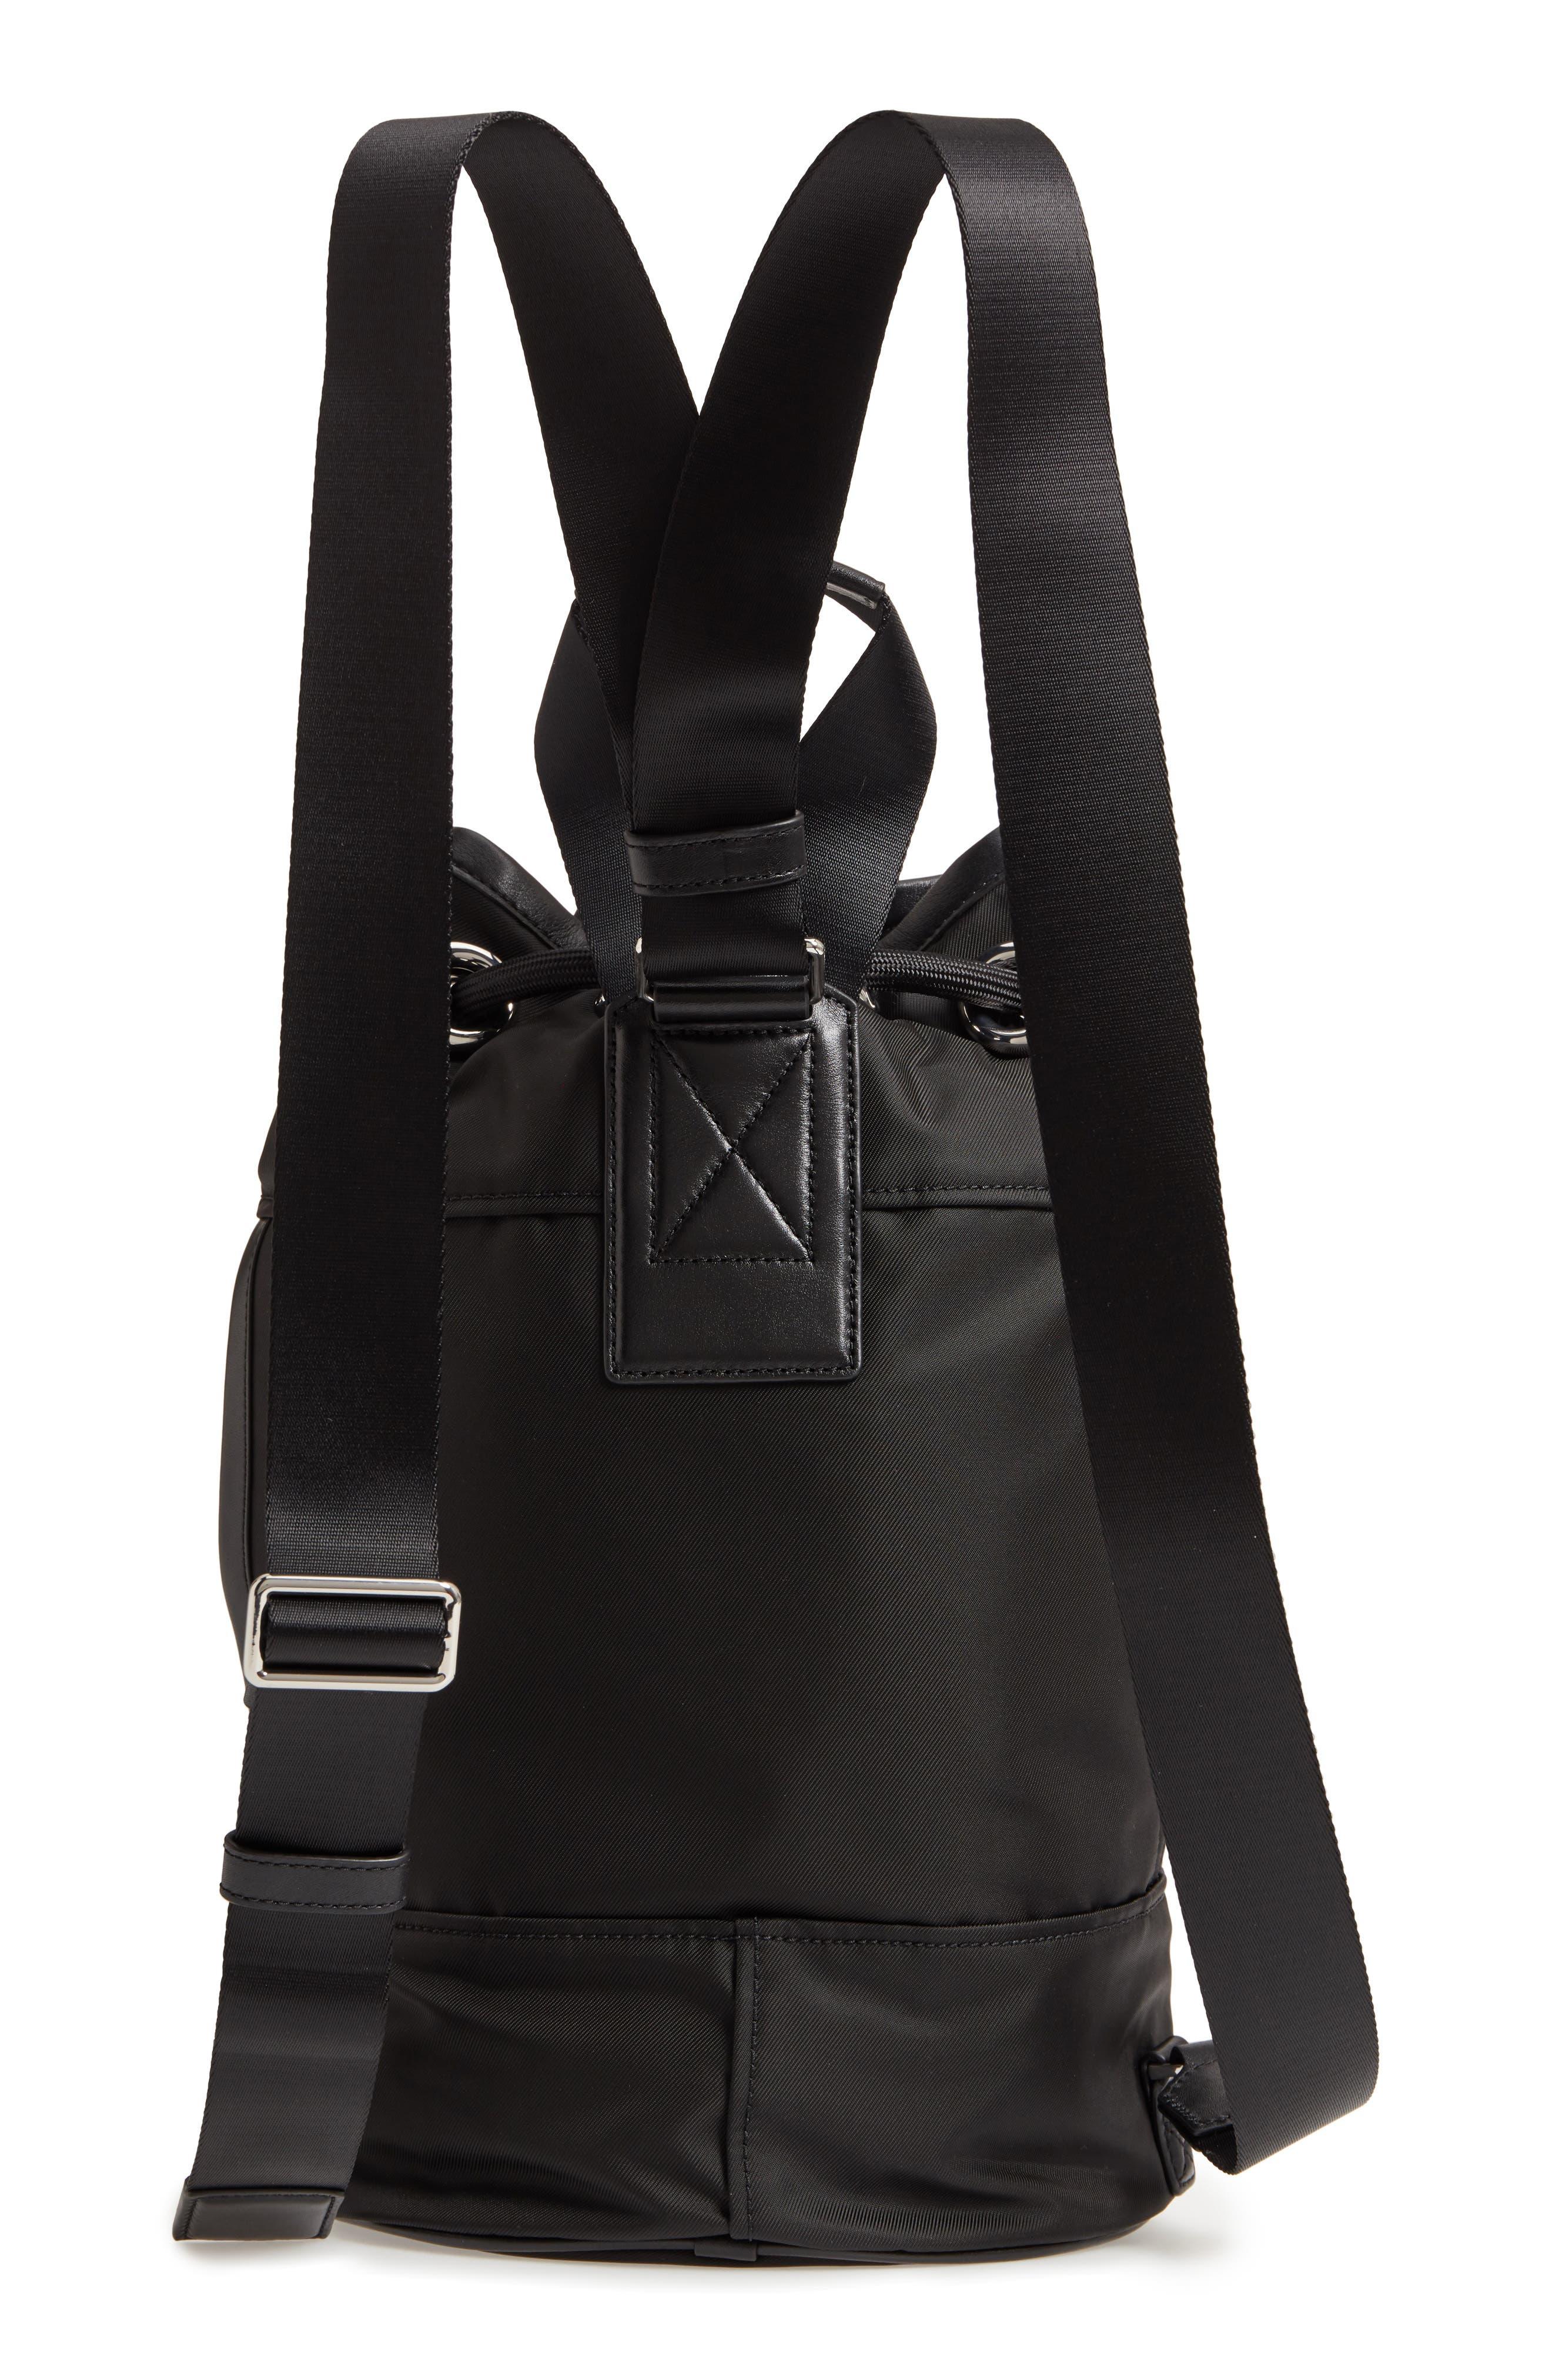 Nylon Sport Sling Bag,                             Alternate thumbnail 3, color,                             BLACK